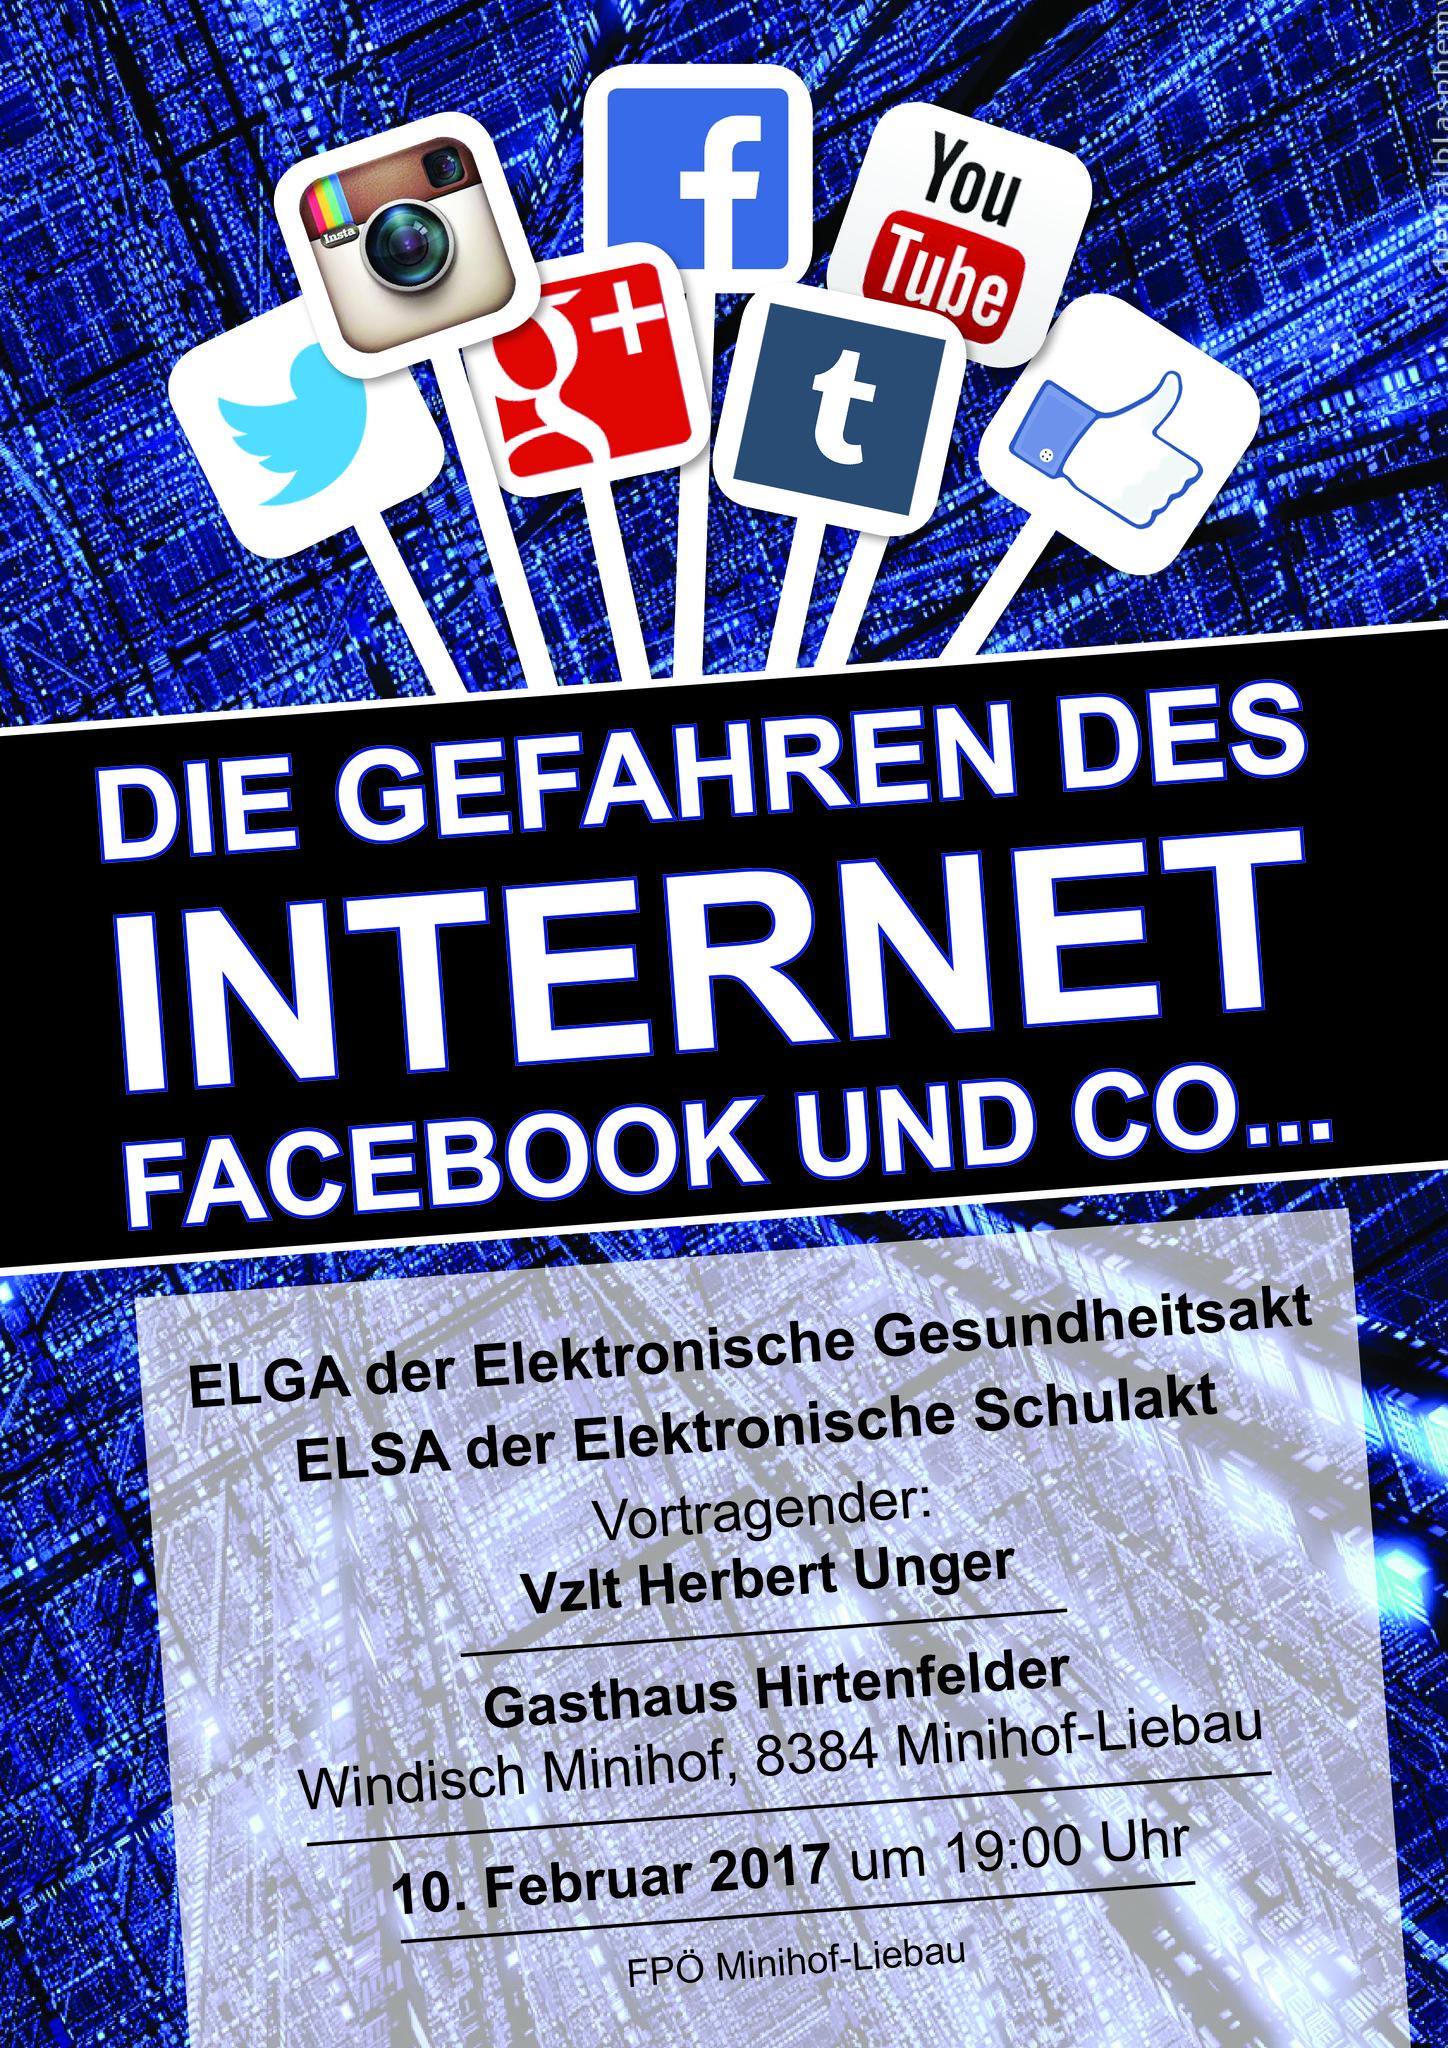 Gefahren Facebook